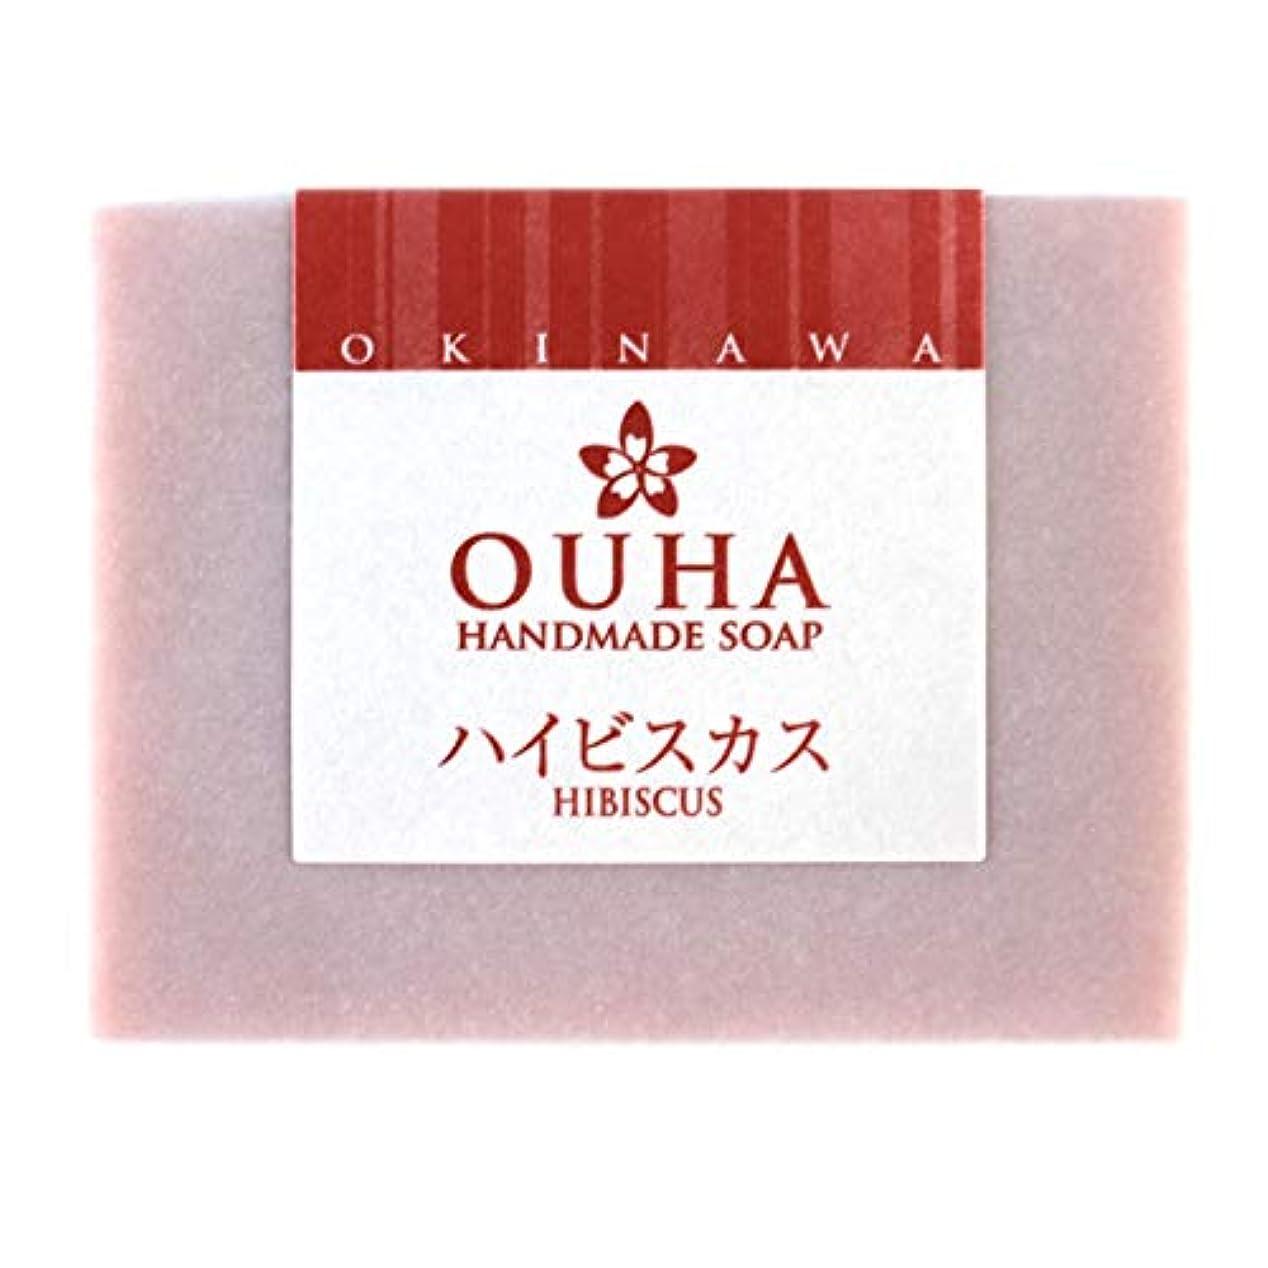 明日人間パトロール沖縄手作り洗顔せっけん OUHAソープ ハイビスカス 100g×3個 保湿 ビタミンC